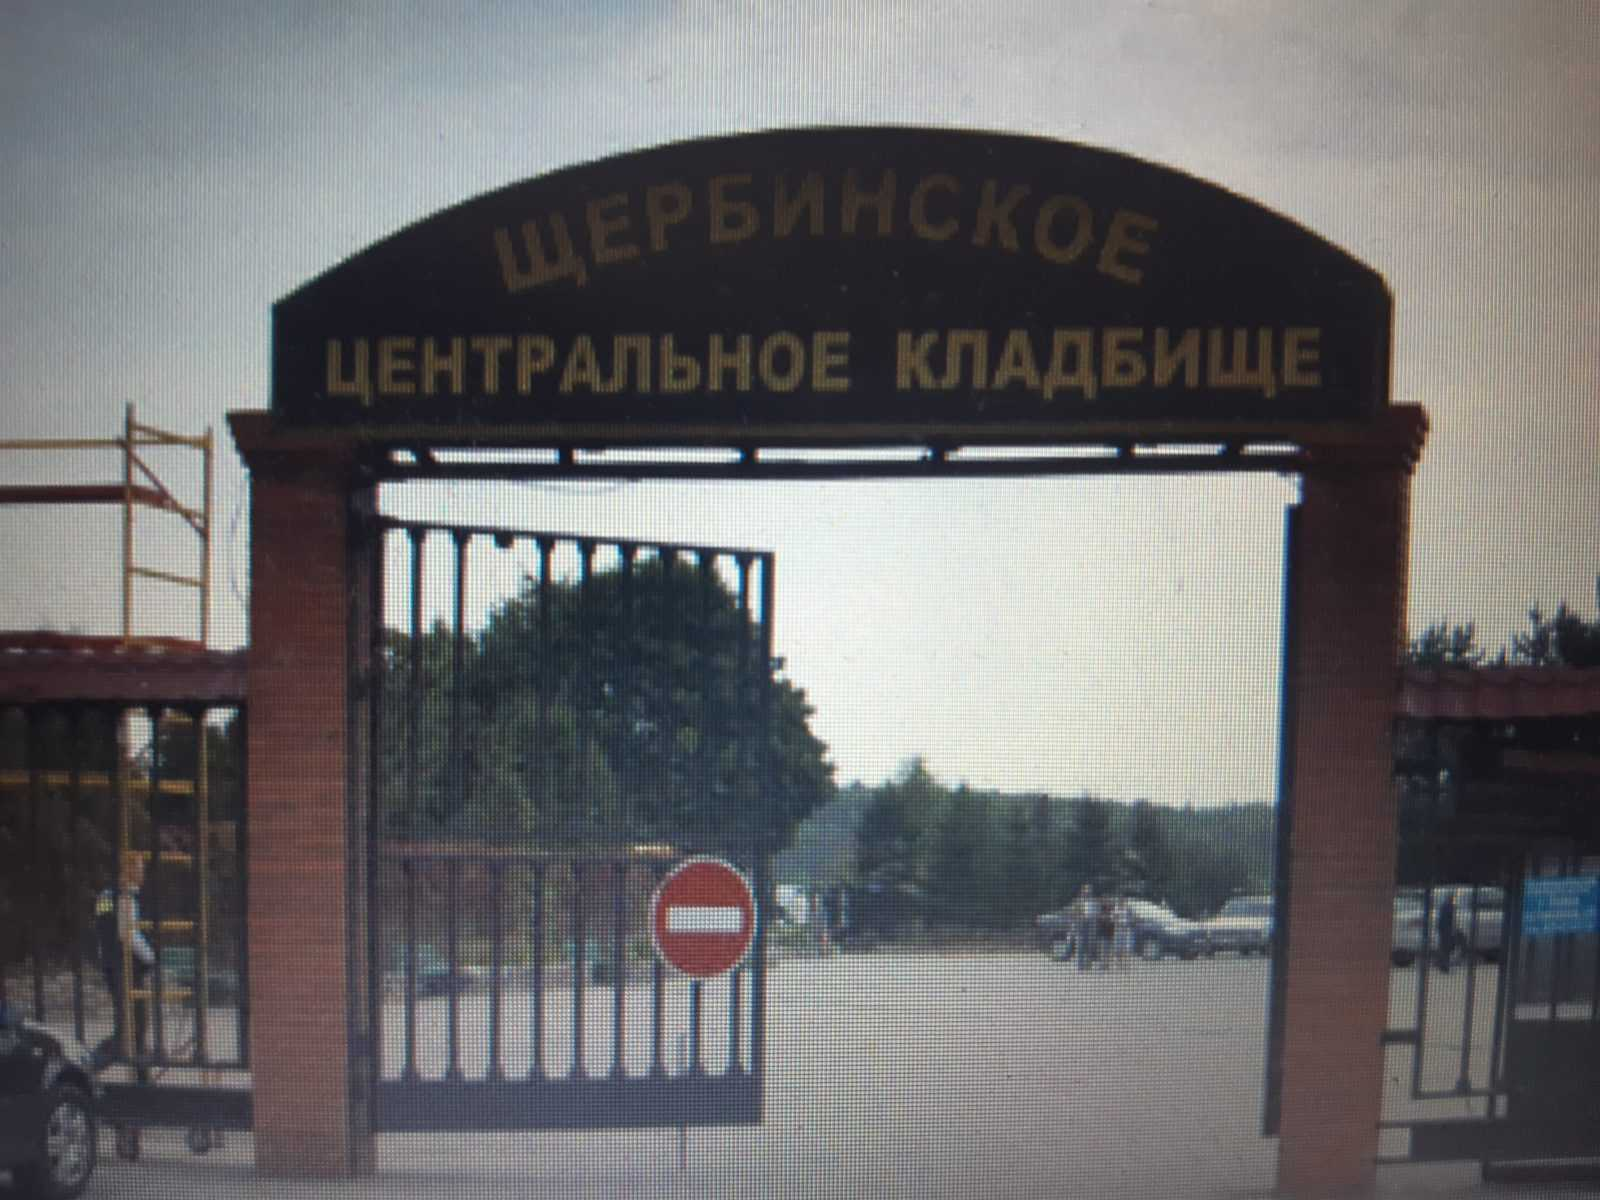 Щербинское кладбище - Москва, адрес, часы работы | grobovozkin